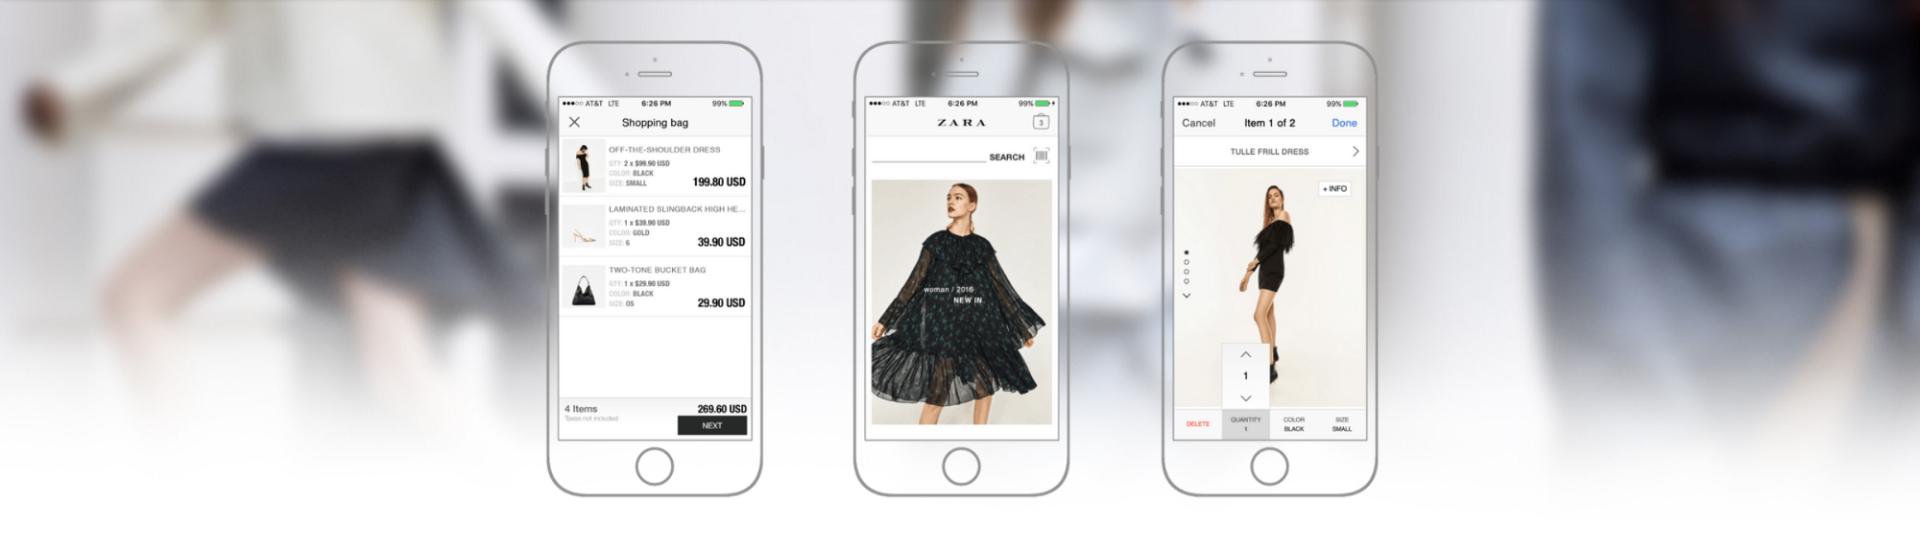 Zara可用性测试:一个真实优化设计的案例